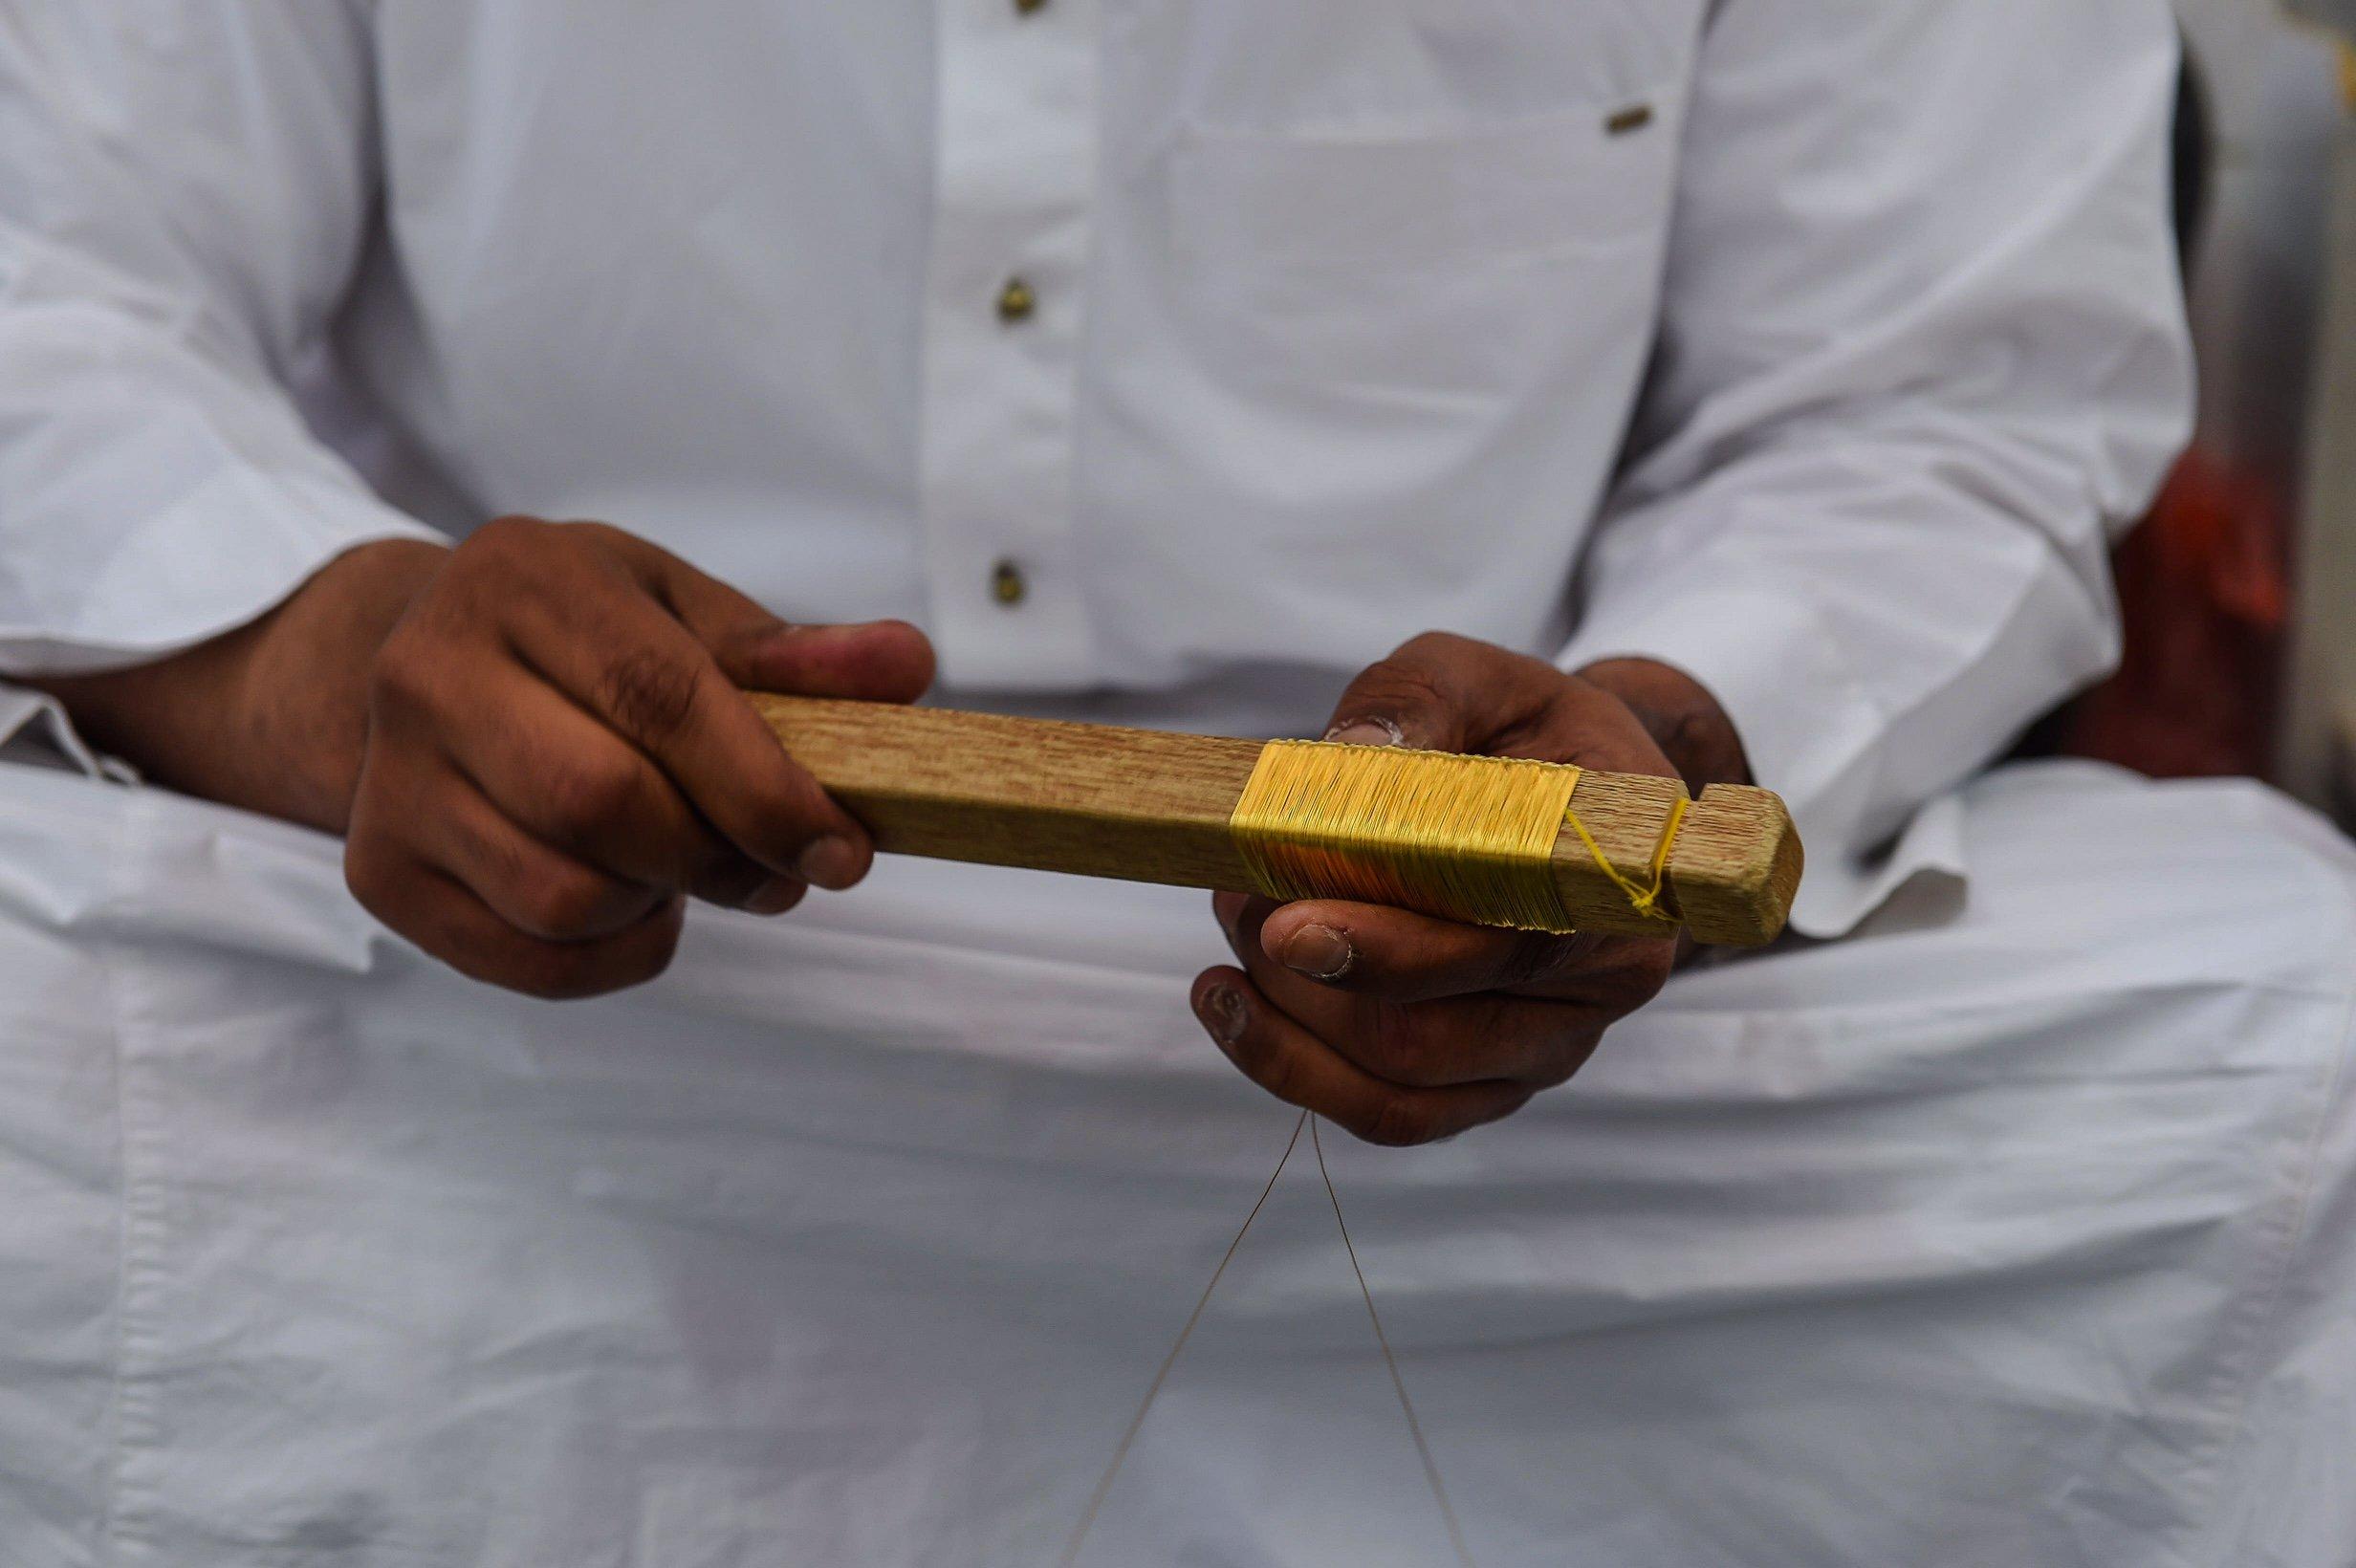 شاهد مراحل صناعة كسوة الكعبة.. الثوب الأغلى بالعالم 144467436